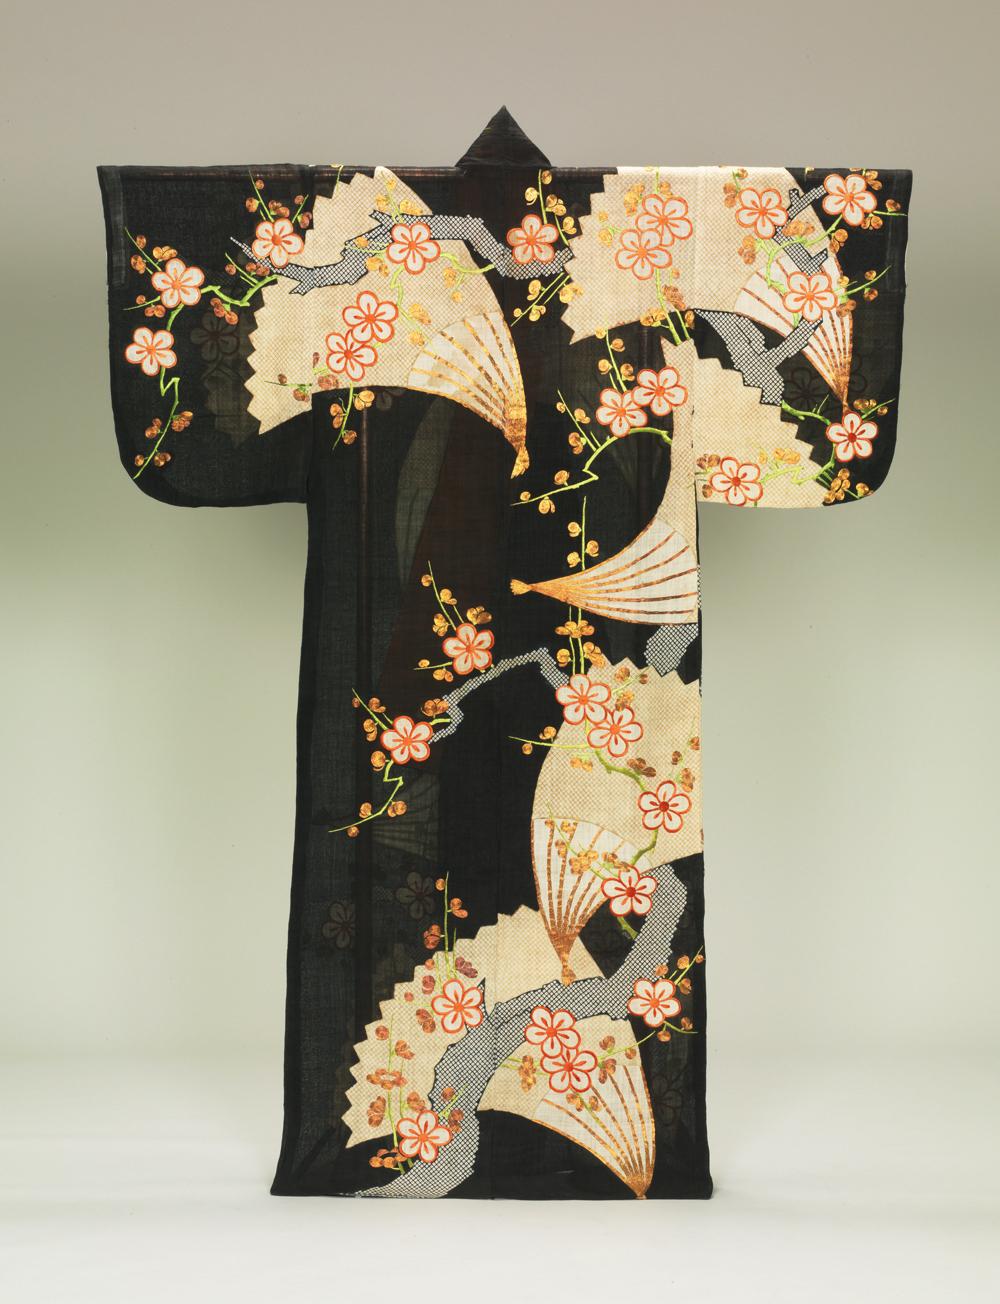 梅樹扇模様帷子 一領 江戸時代 18世紀 女子美術大学美術館